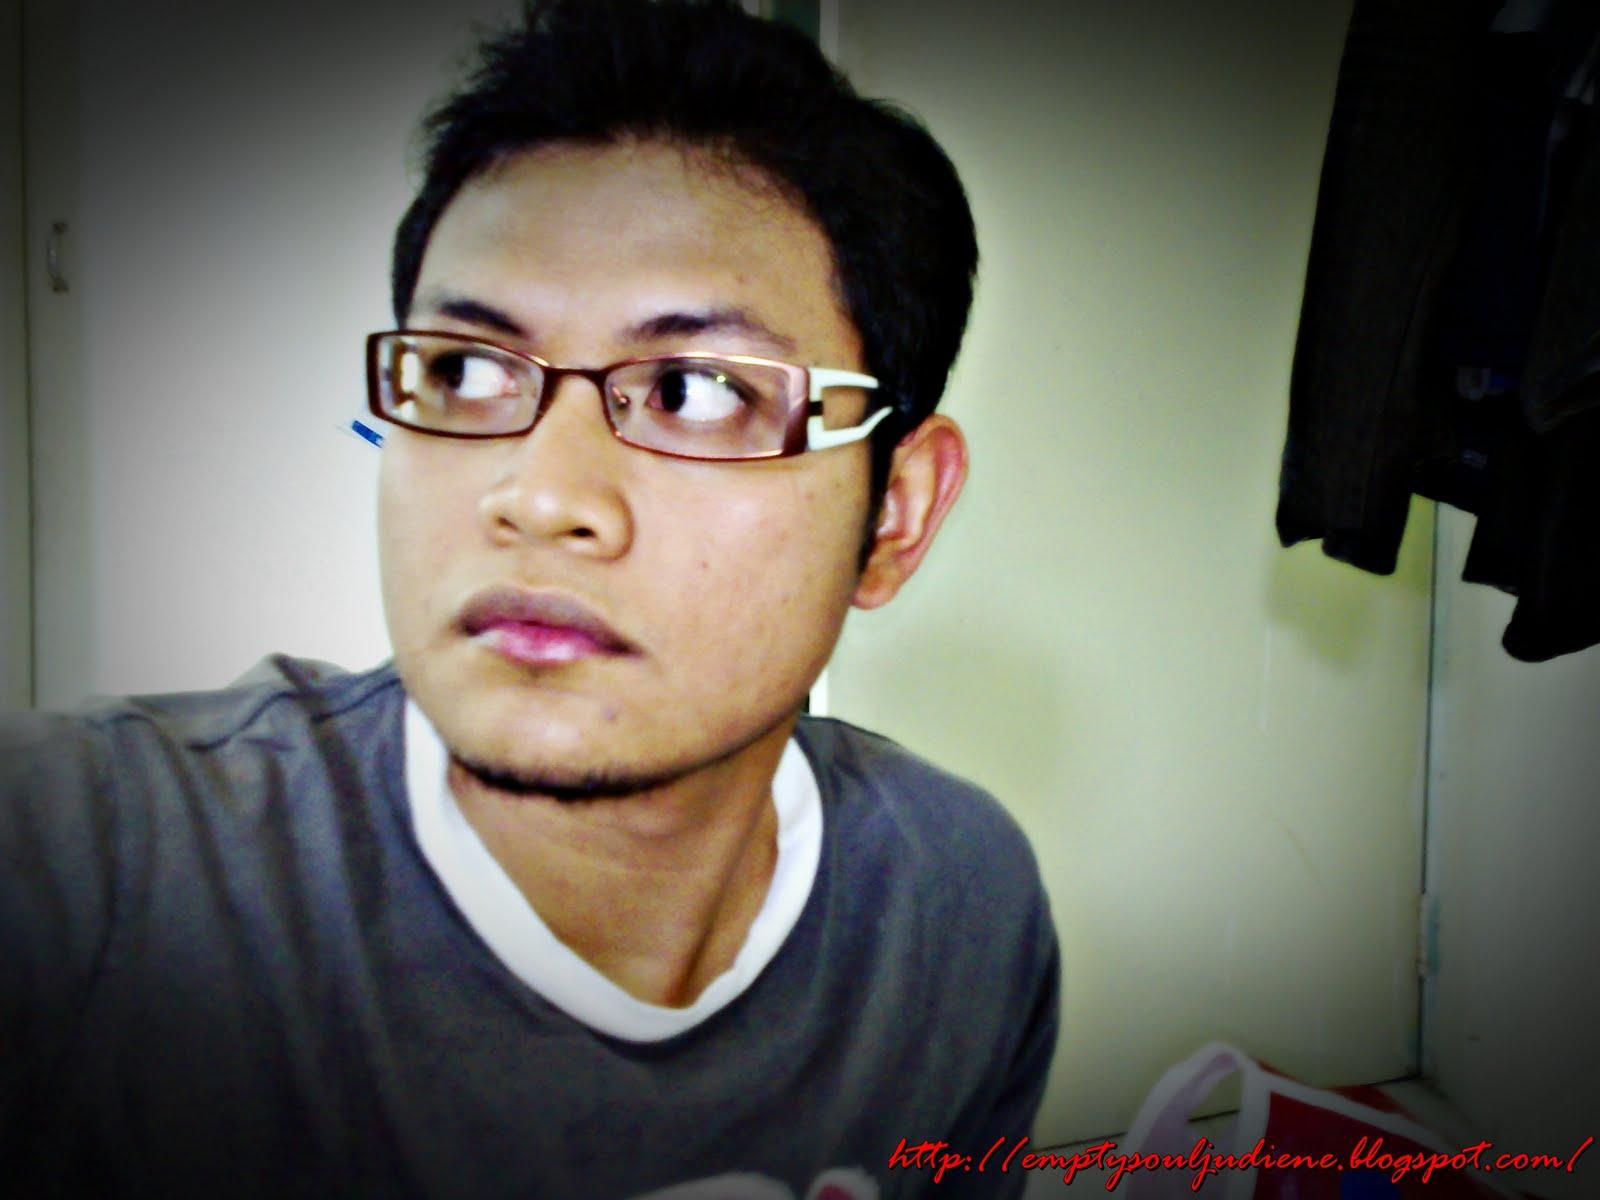 http://1.bp.blogspot.com/_WtfL0fAITsw/S-7XfD4UpXI/AAAAAAAAAqU/FmGHGkF55Gc/s1600/200220102508.jpg